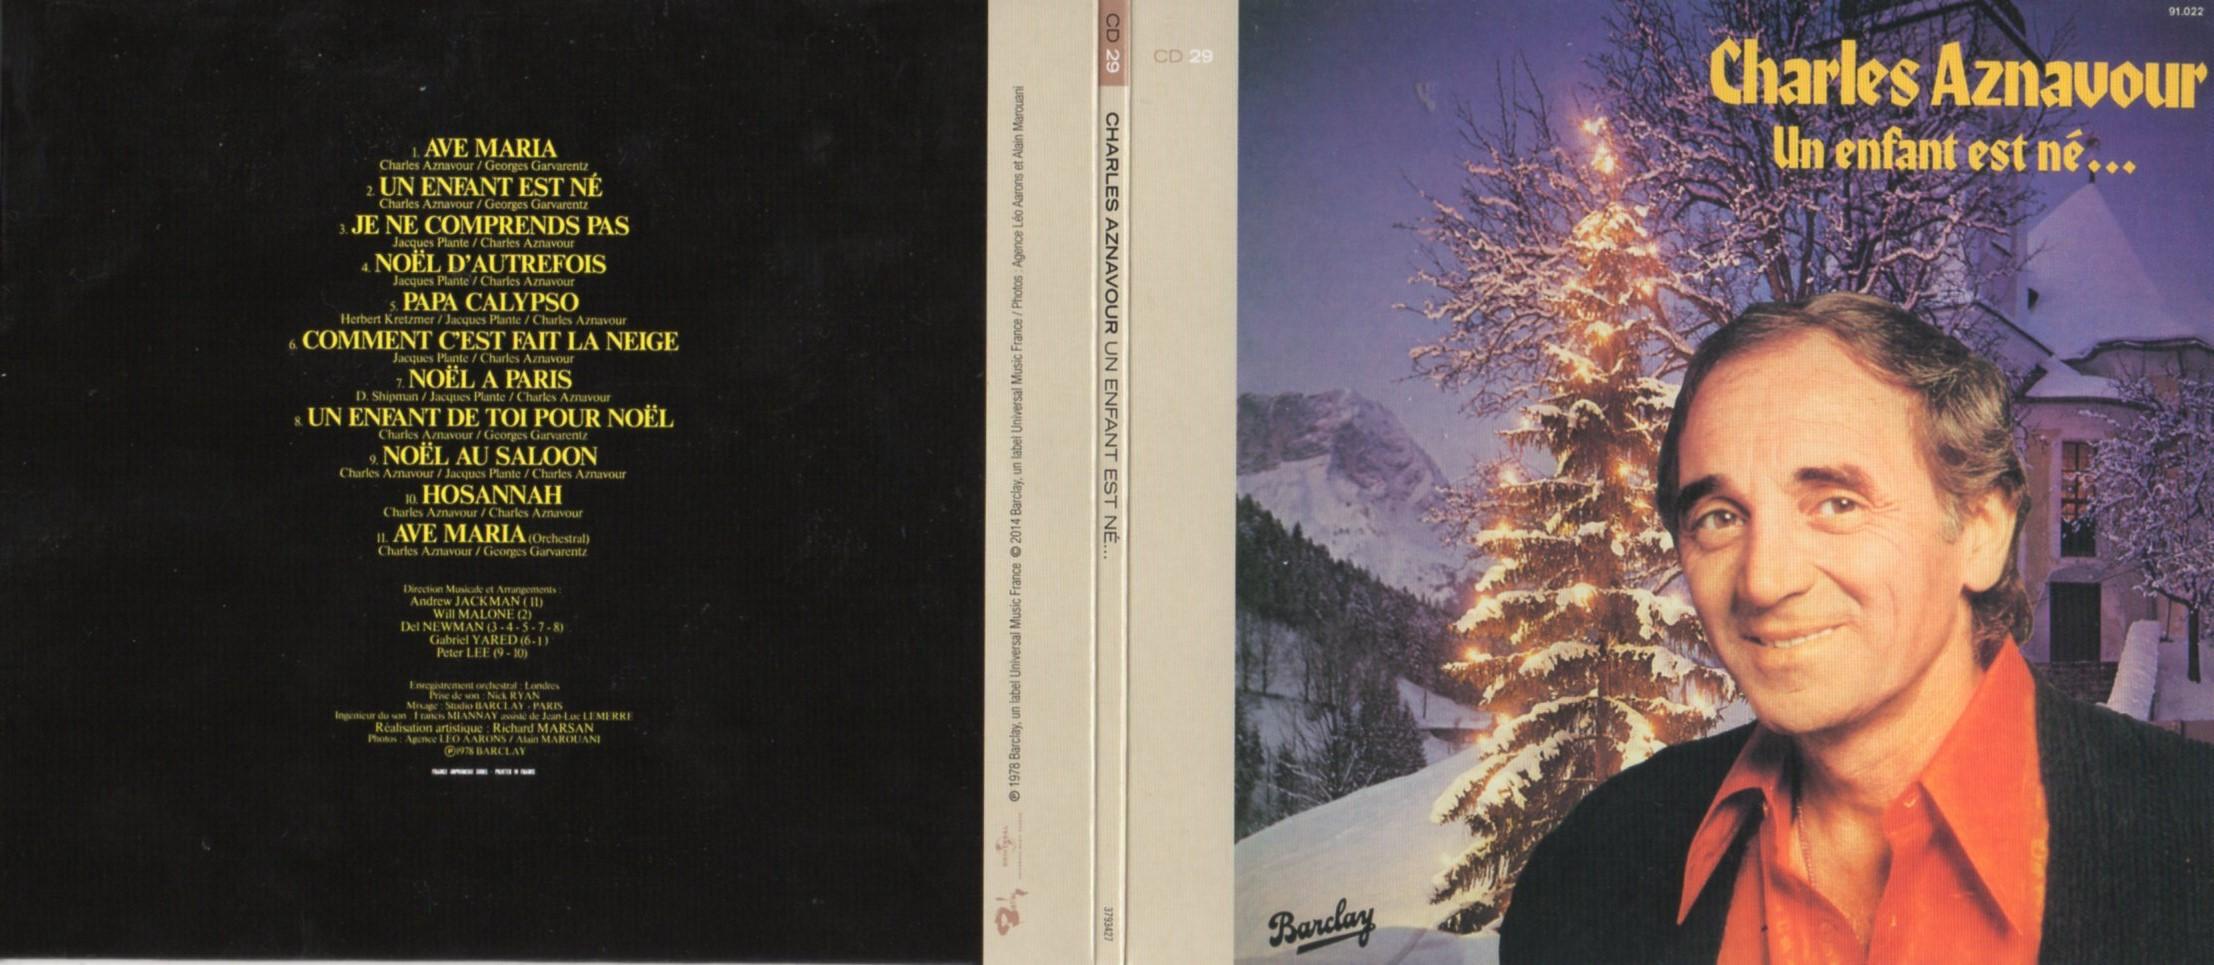 CHARLES AZNAVOUR - Un Enfant Est Né…(Christmas Album - Album de Noël) (1978) Gatefold Card board sleeve Replica - CD